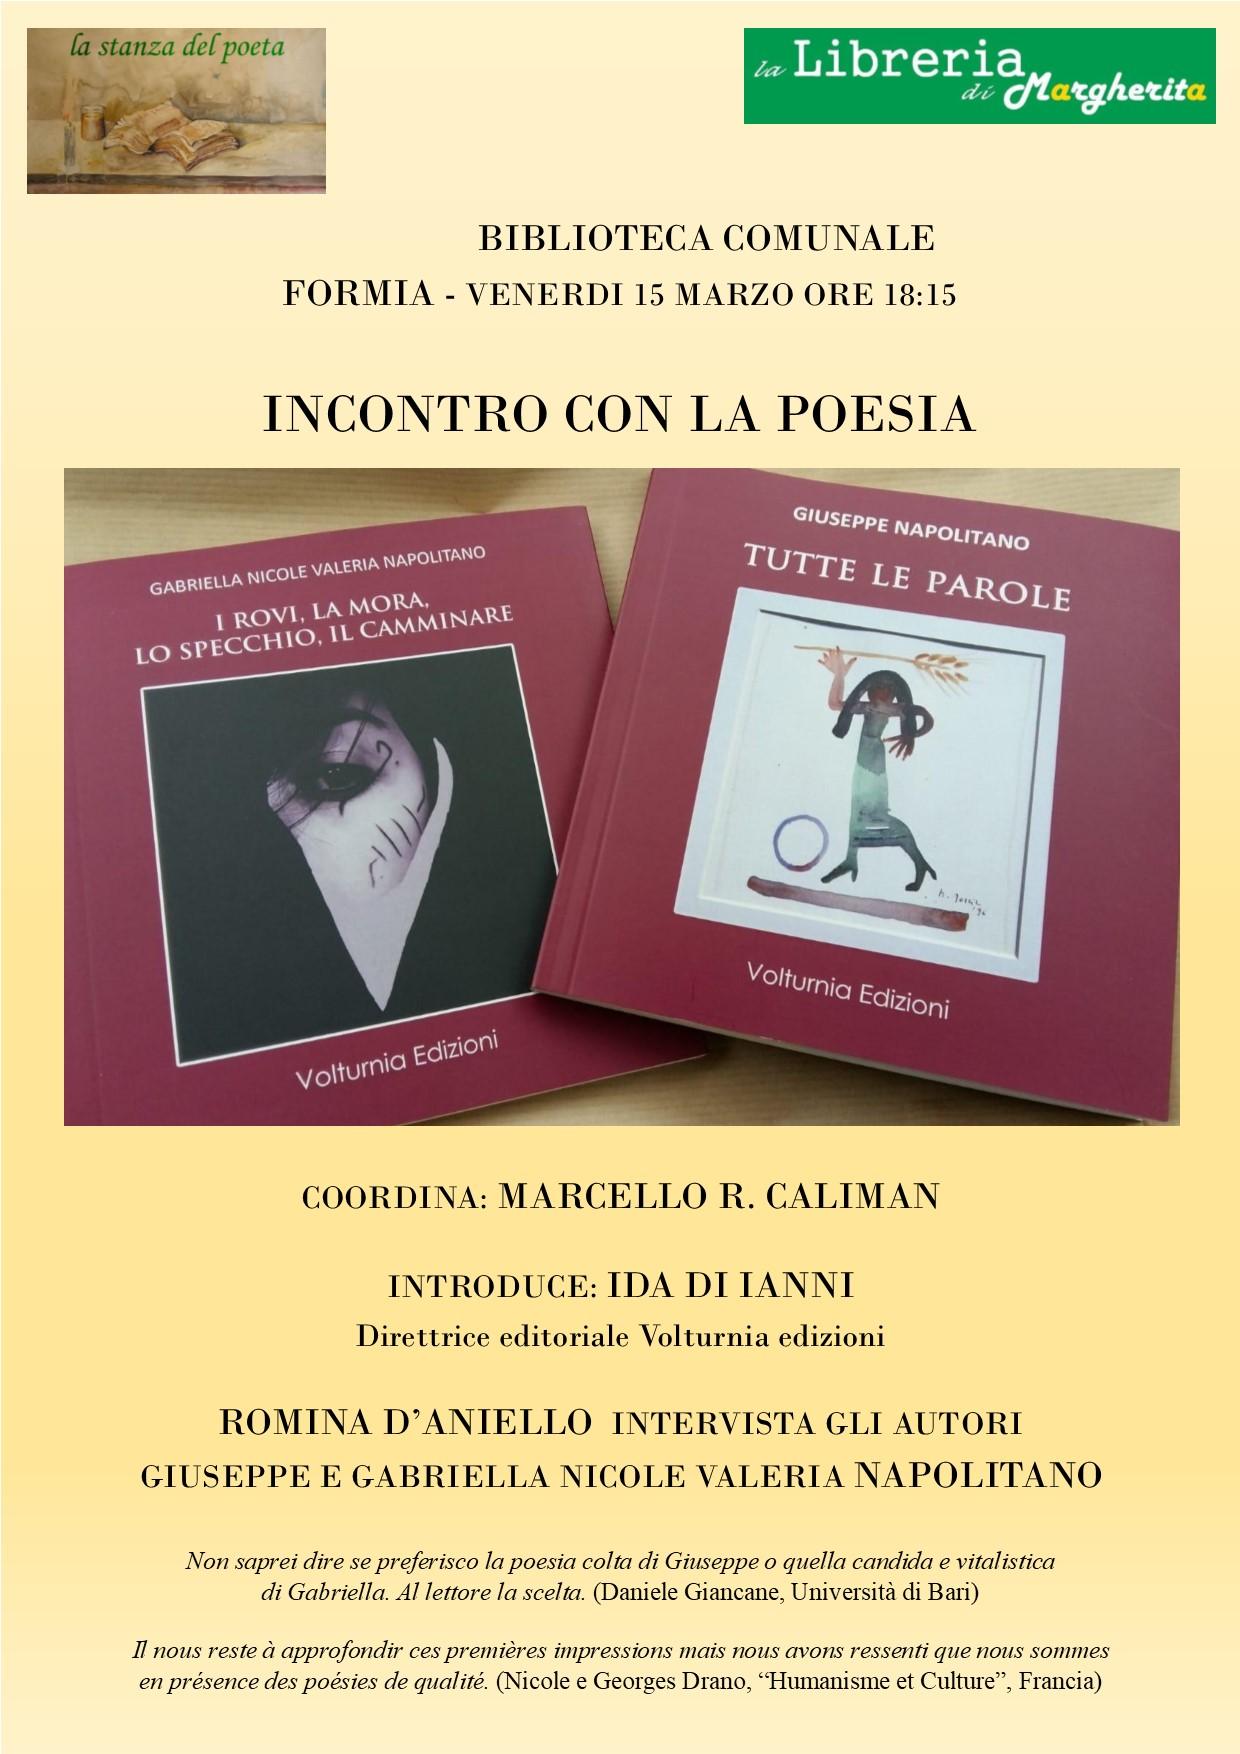 Presentazione libri di poesia dei Napolitano Venerdi 15 marzo ore18:15